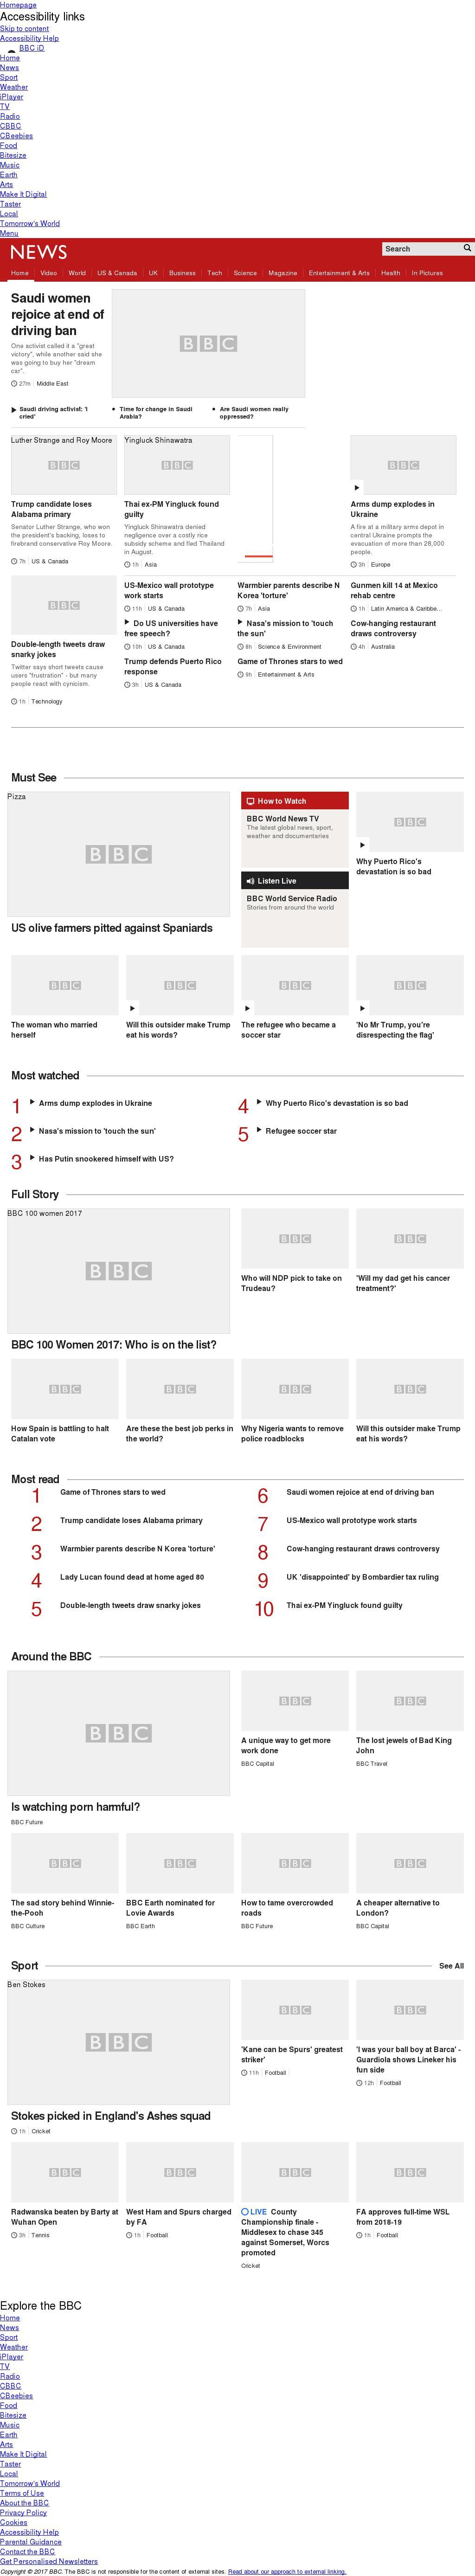 BBC at Wednesday Sept. 27, 2017, 11:01 a.m. UTC